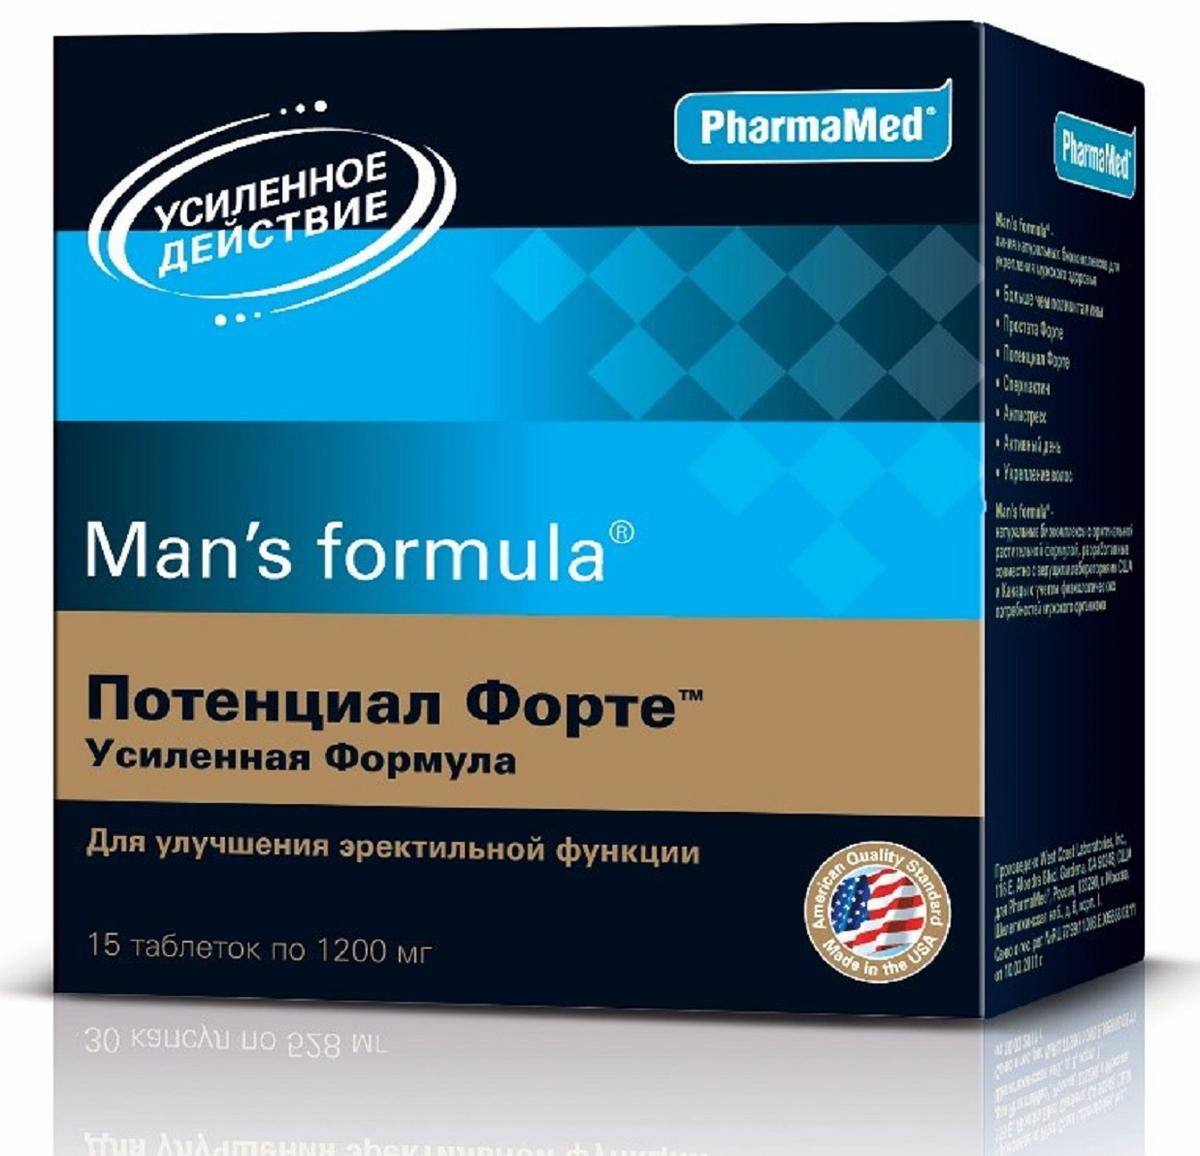 Витаминный комплекс Мен-С Формула Потенциал Форте. Усиленная формула, таблетки 1200 мг, №15222921Мен-С Формула Потенциал Форте. Усиленная формула содержит компоненты, способствующие выработке тестостерона, усиливающие эрекцию и либидо, обостряющие сексуальные ощущения! Сфера применения: витаминология, макро- и микроэлементы.